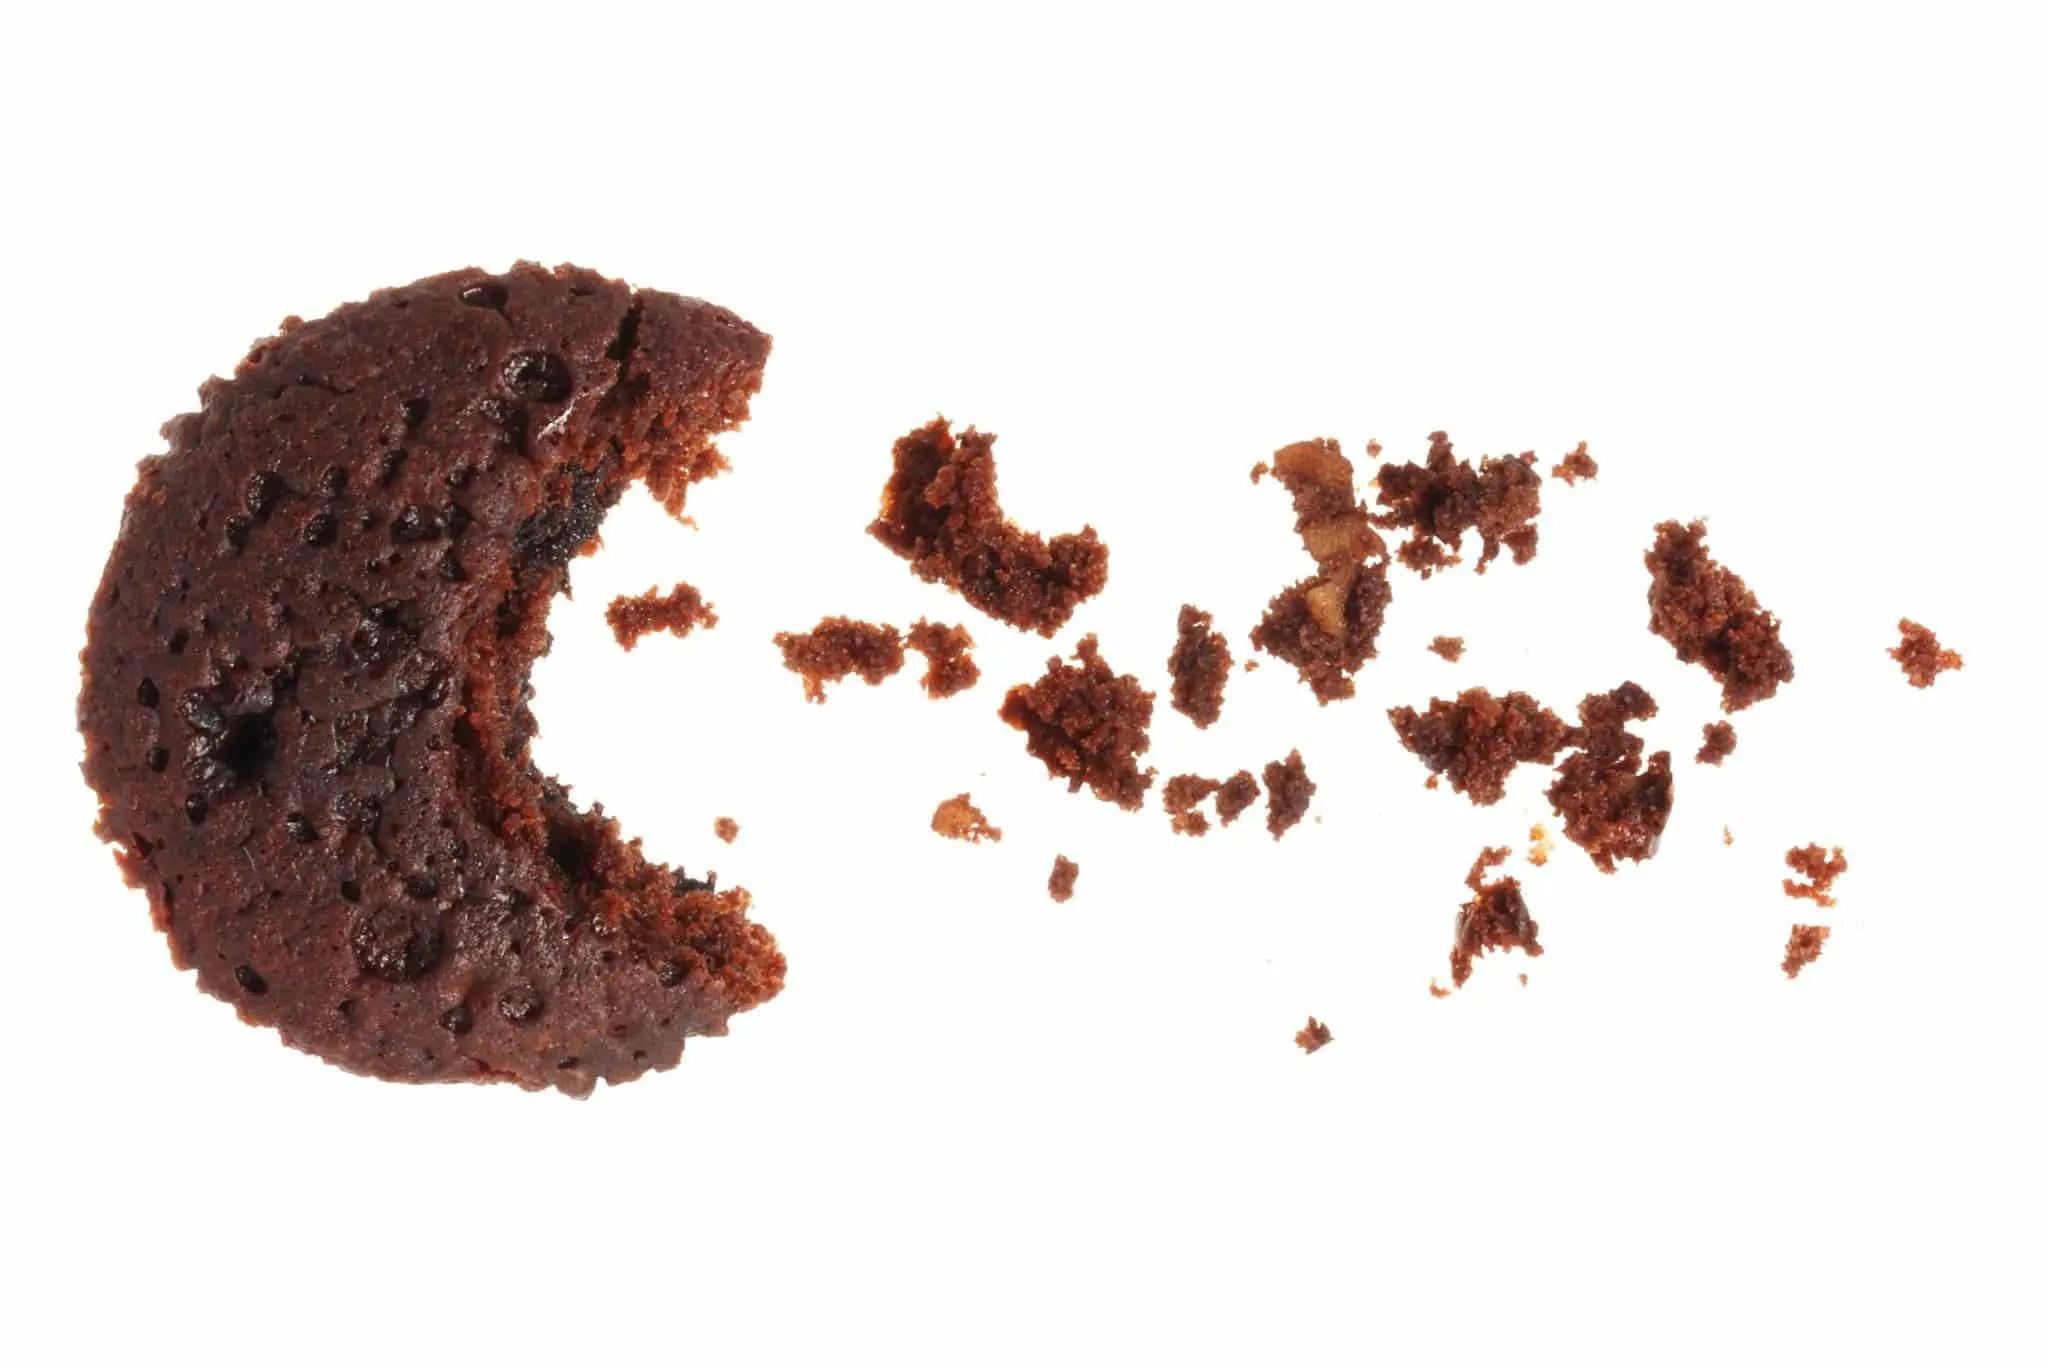 Recette de muffins choco banana facile et rapide